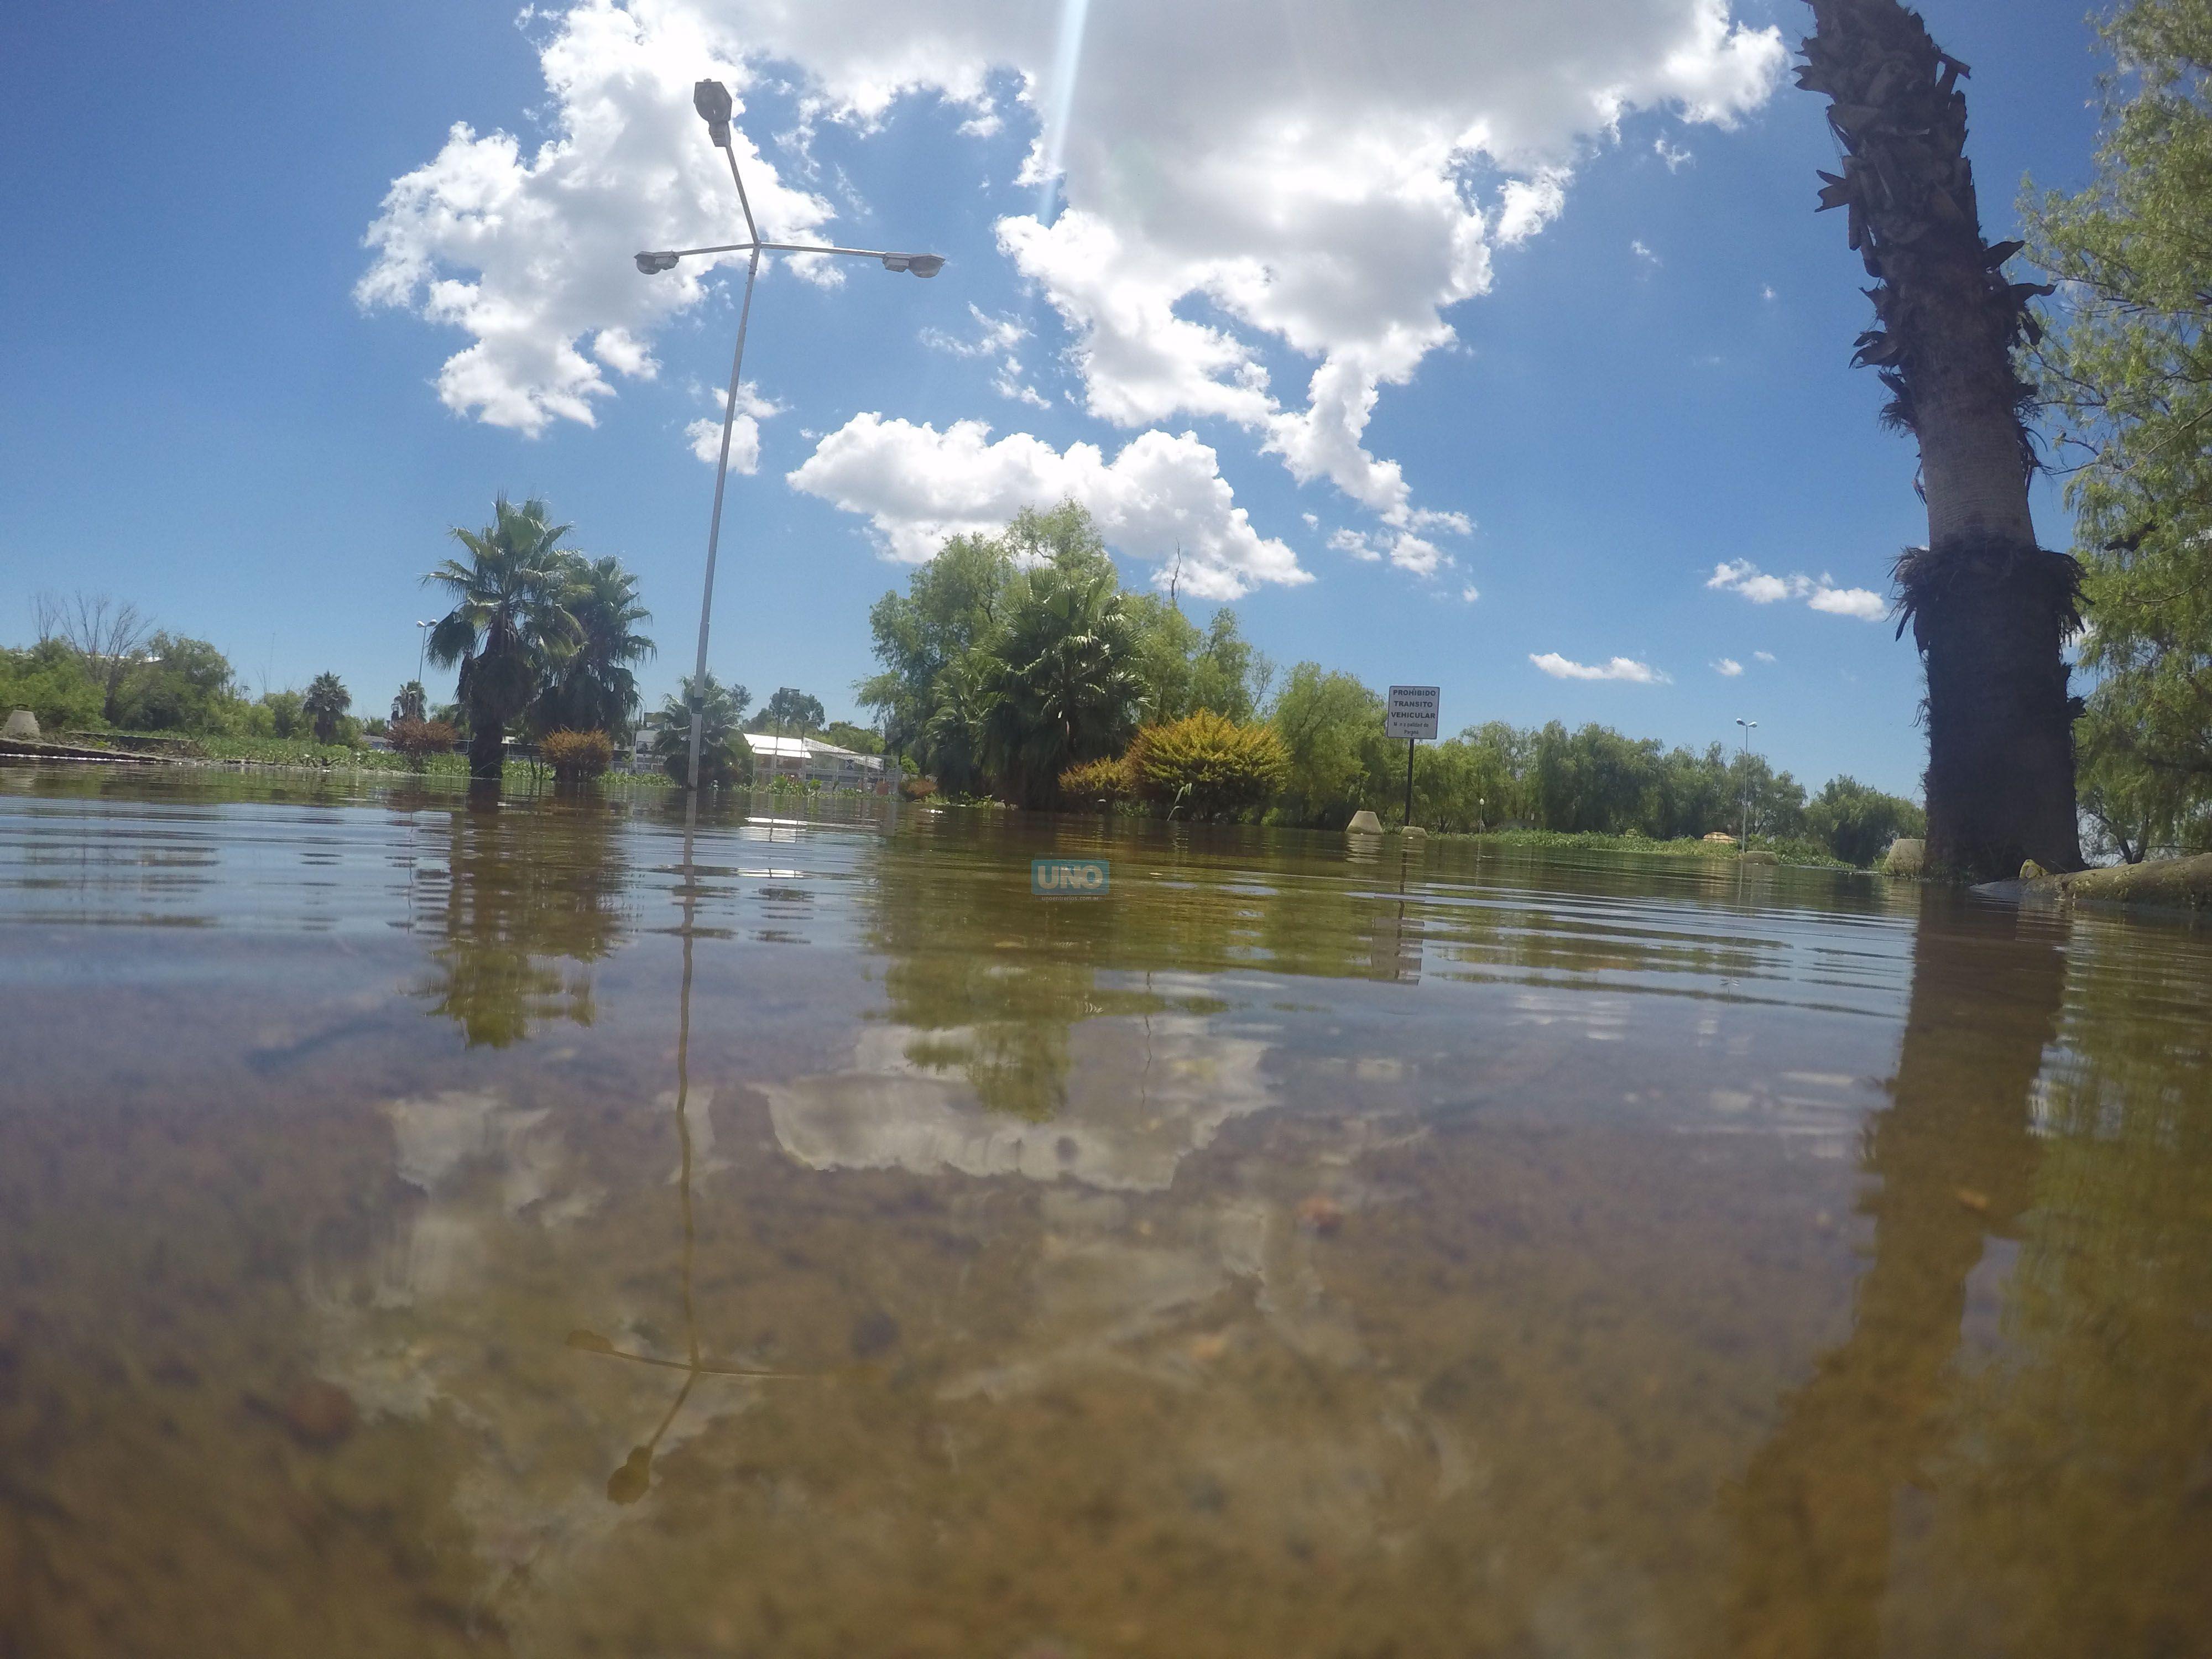 El ingreso al Club de Pescadores continúa inundado desde que llegó el pico a mediados de diciembre.